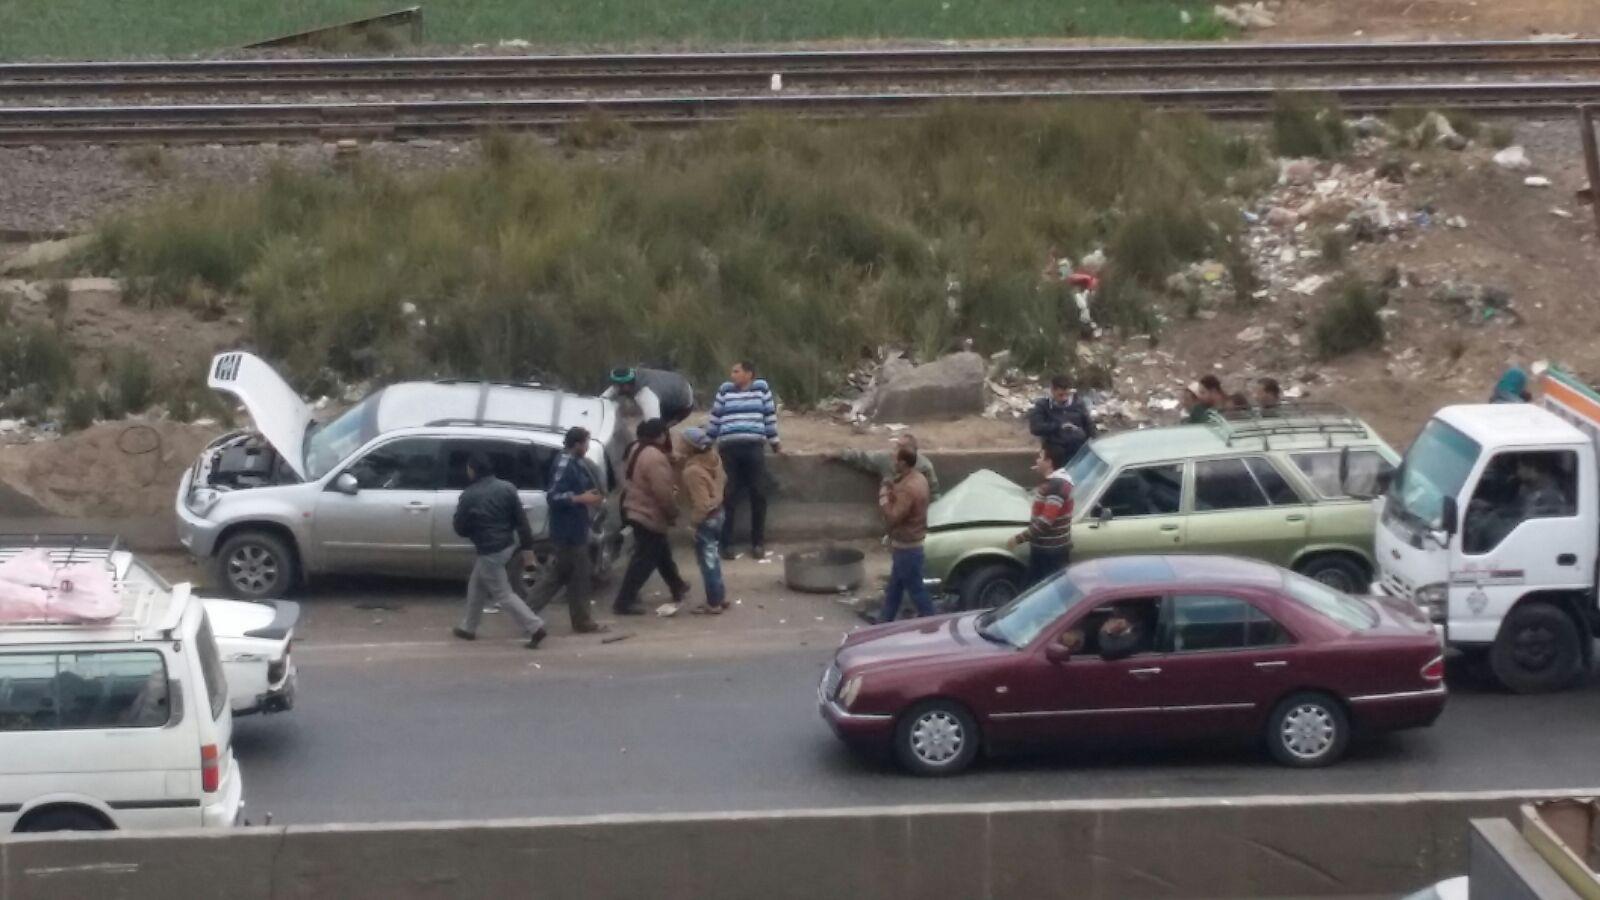 تصادم على طريق القاهرة ـ الإسكندرية الزراعي دون سقوط ضحايا